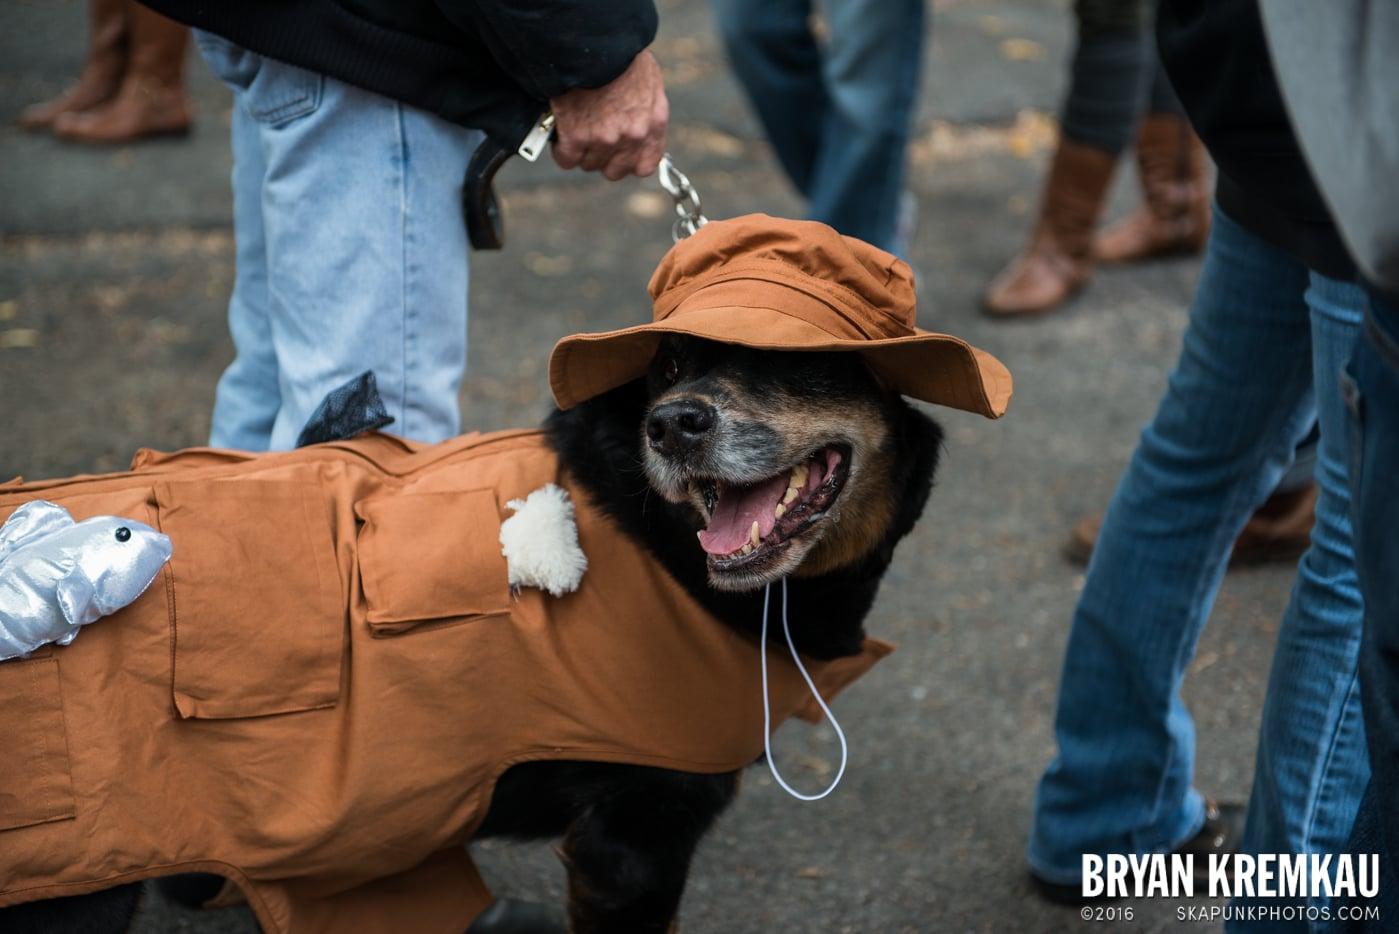 Tompkins Square Halloween Dog Parade 2015 @ Tompkins Square Park, NYC – 10.24.15 (40)